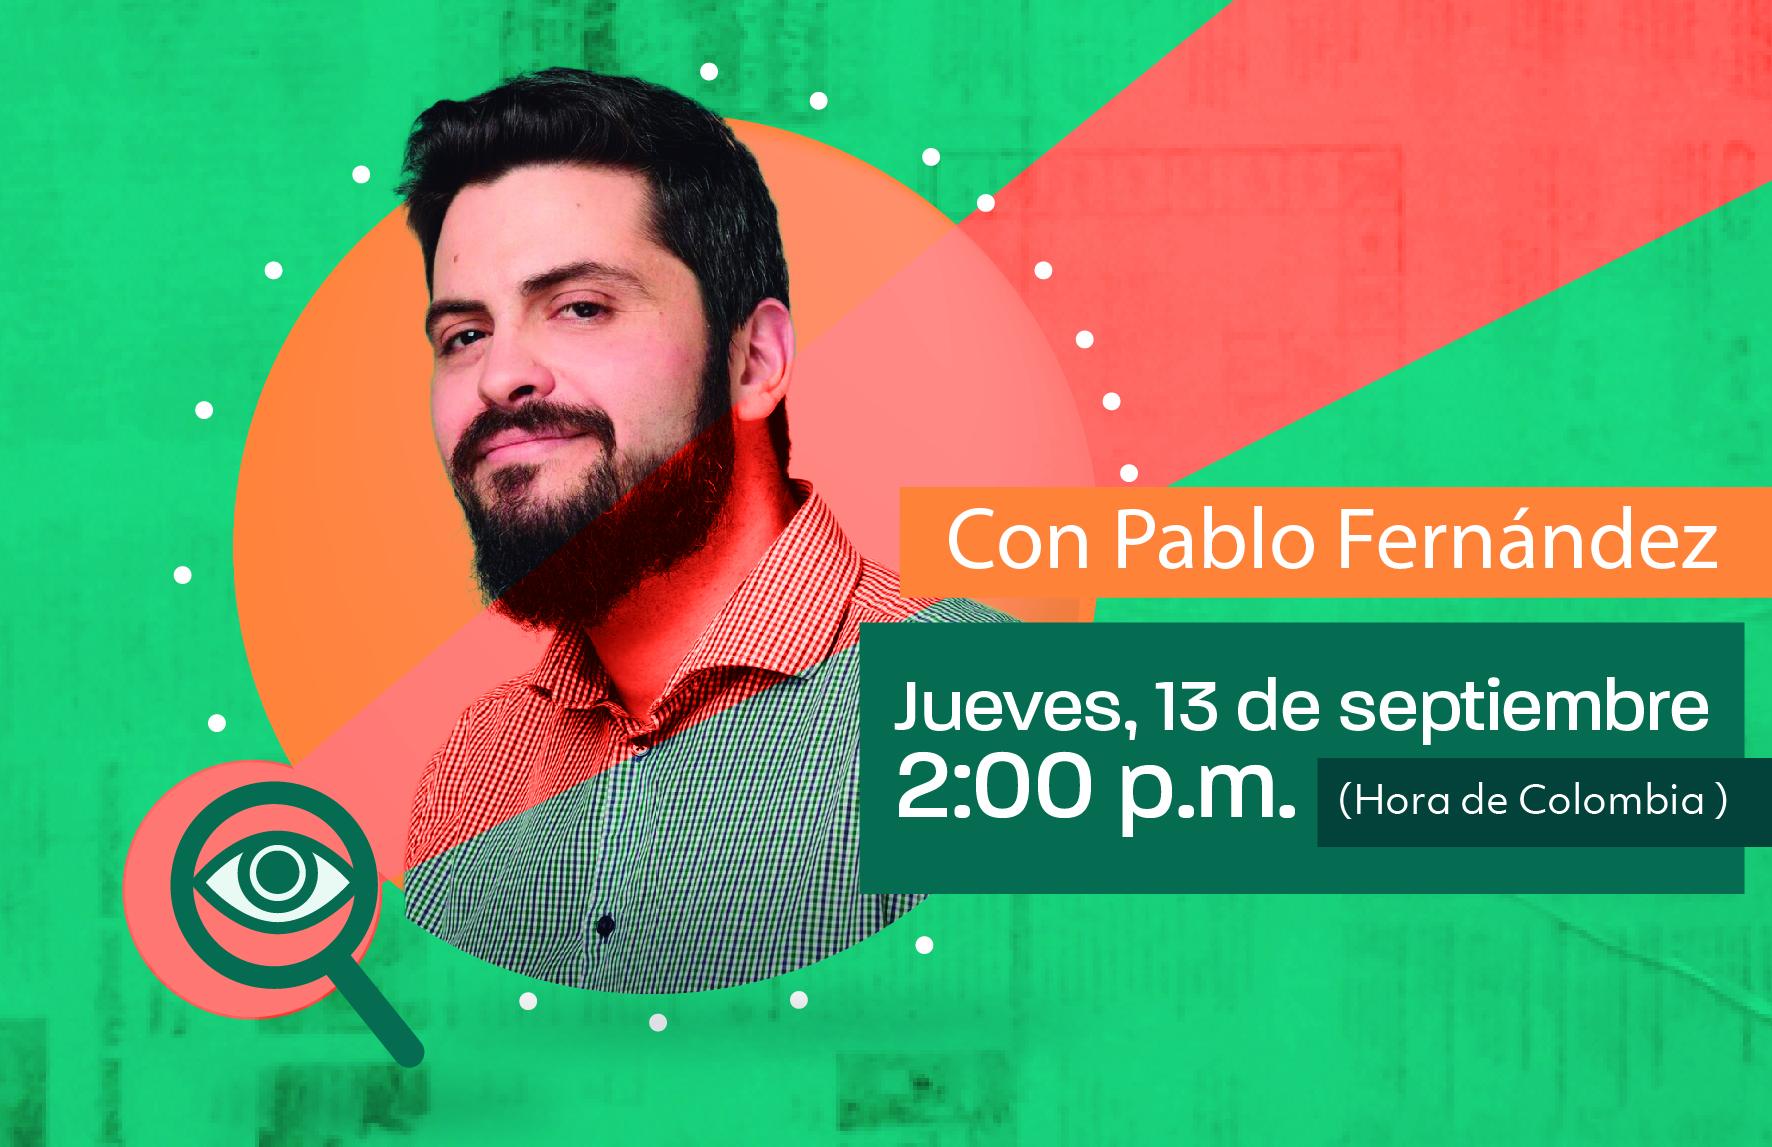 El seminario web también será transmitido en vivo por Facebook.com/RedEticaFNPI